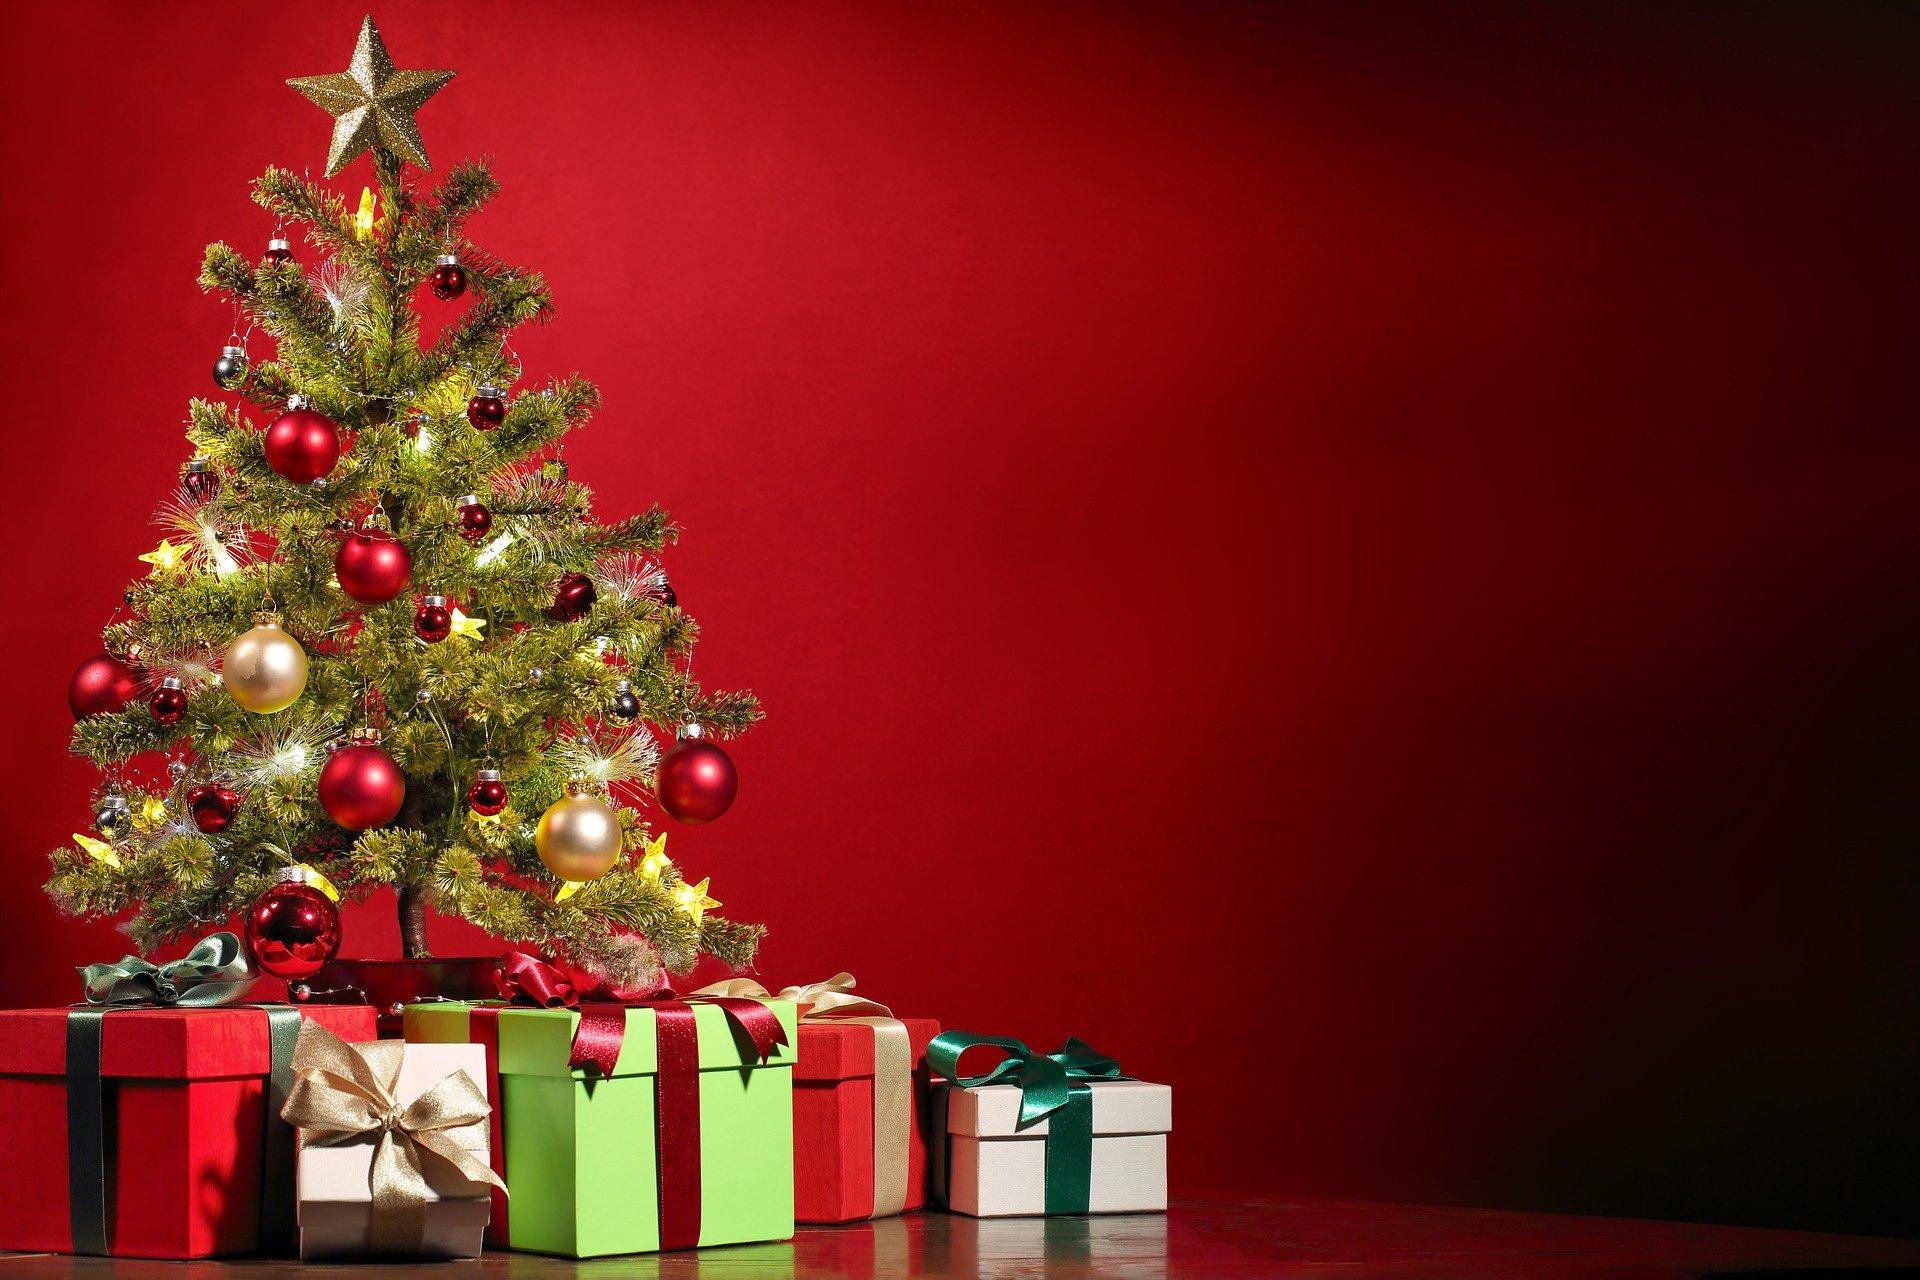 Árbol de Navidad: Te decimos cuál es su significado